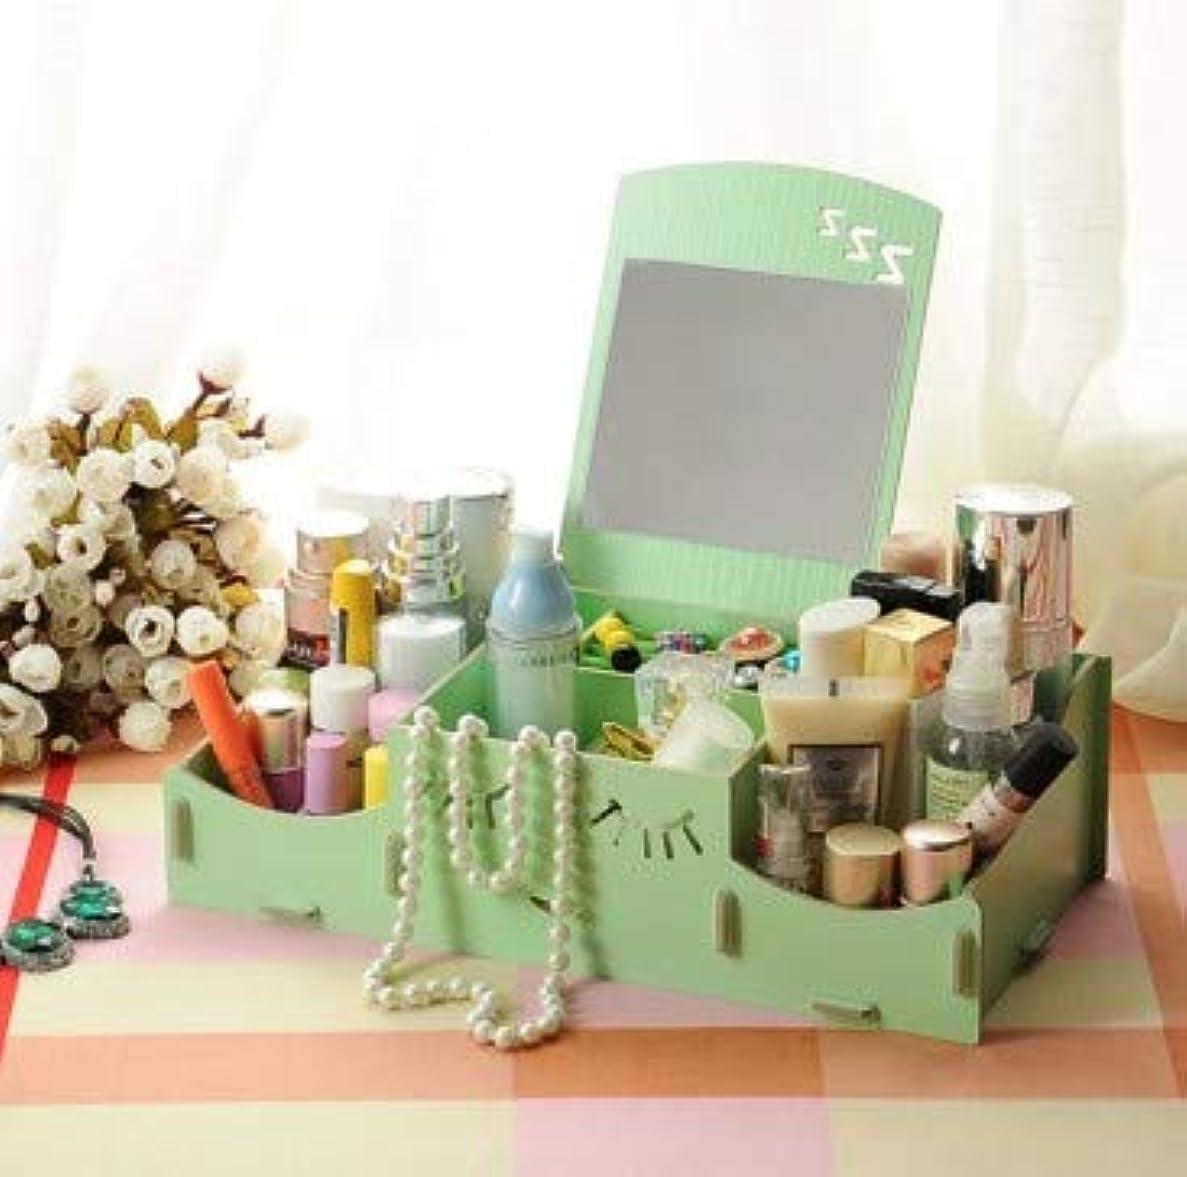 チョコレートマイクロフォン粘り強いスマイリー木製クリエイティブ収納ボックス手作りデスクトップミラー化粧品収納ボックス化粧品収納ボックス (Color : グリンー)